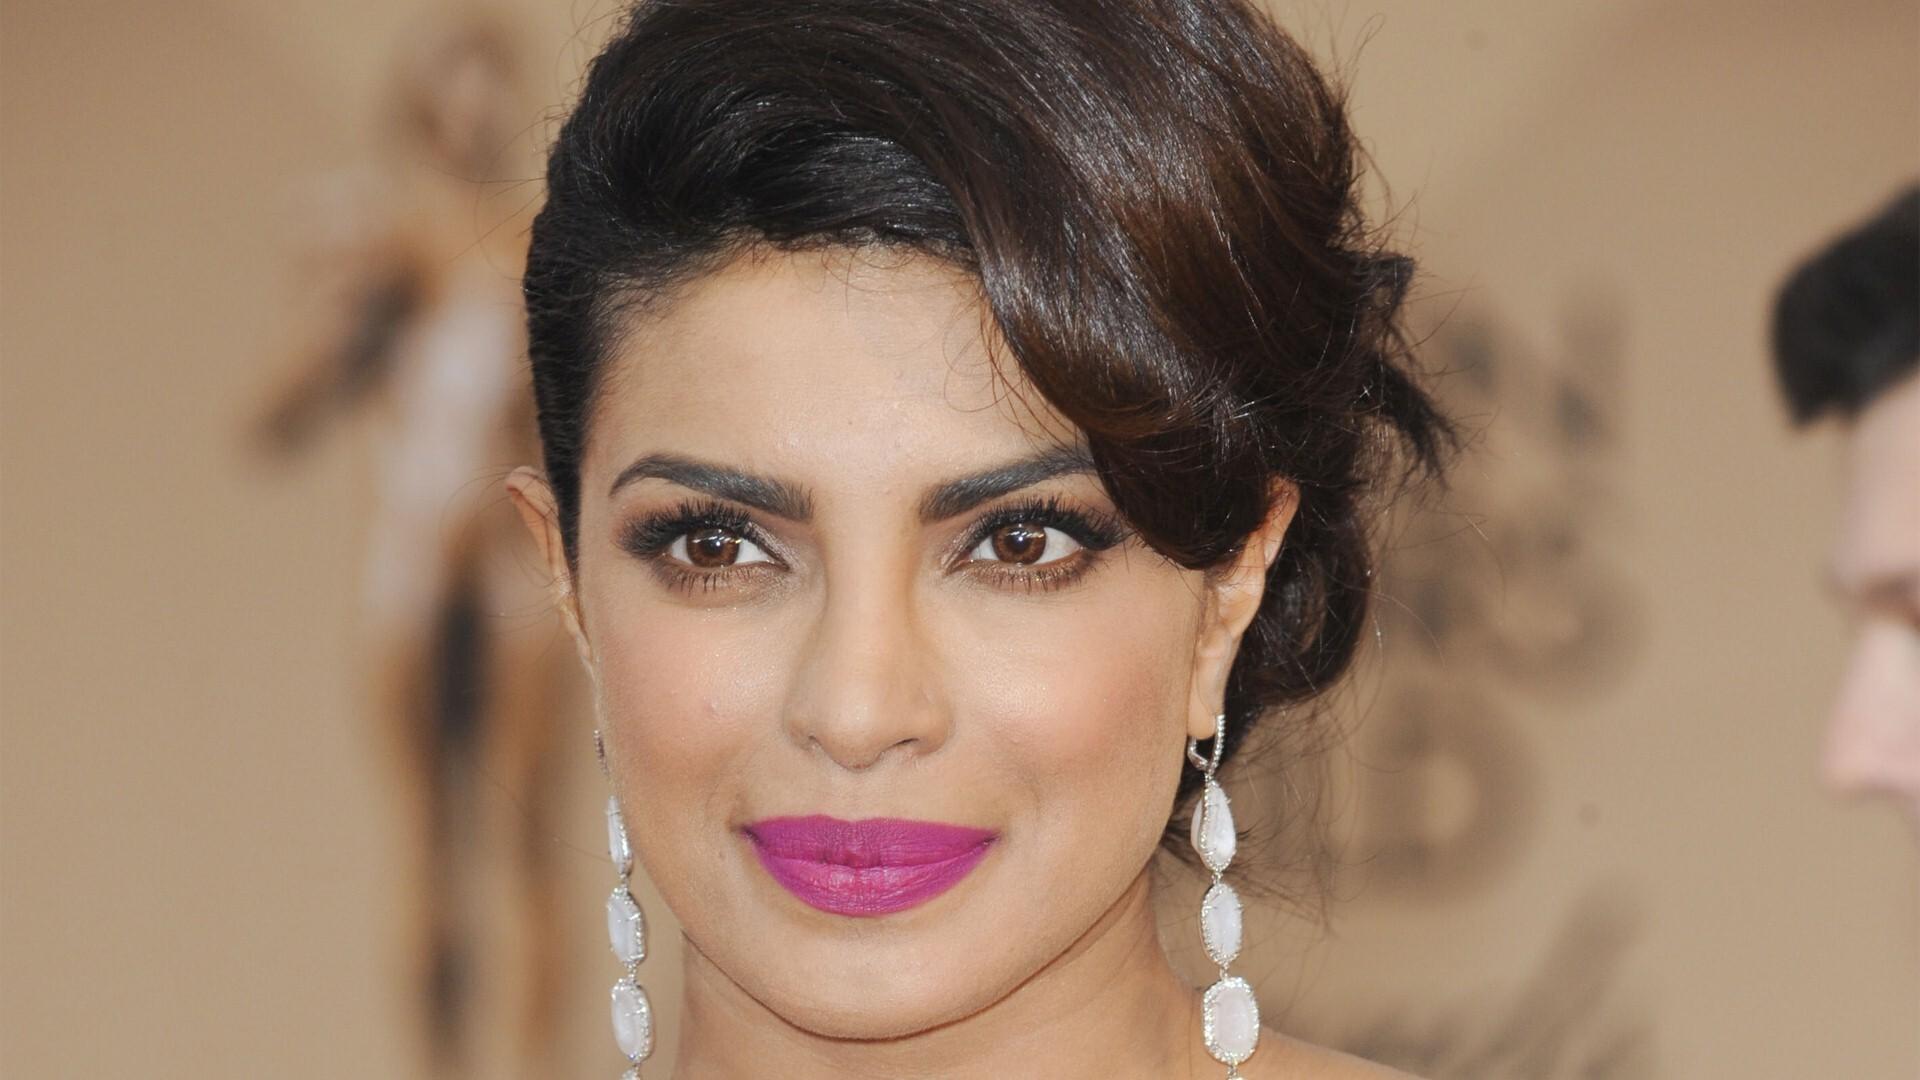 priyanka chopra wallpapers | free download hd bollywood actress images